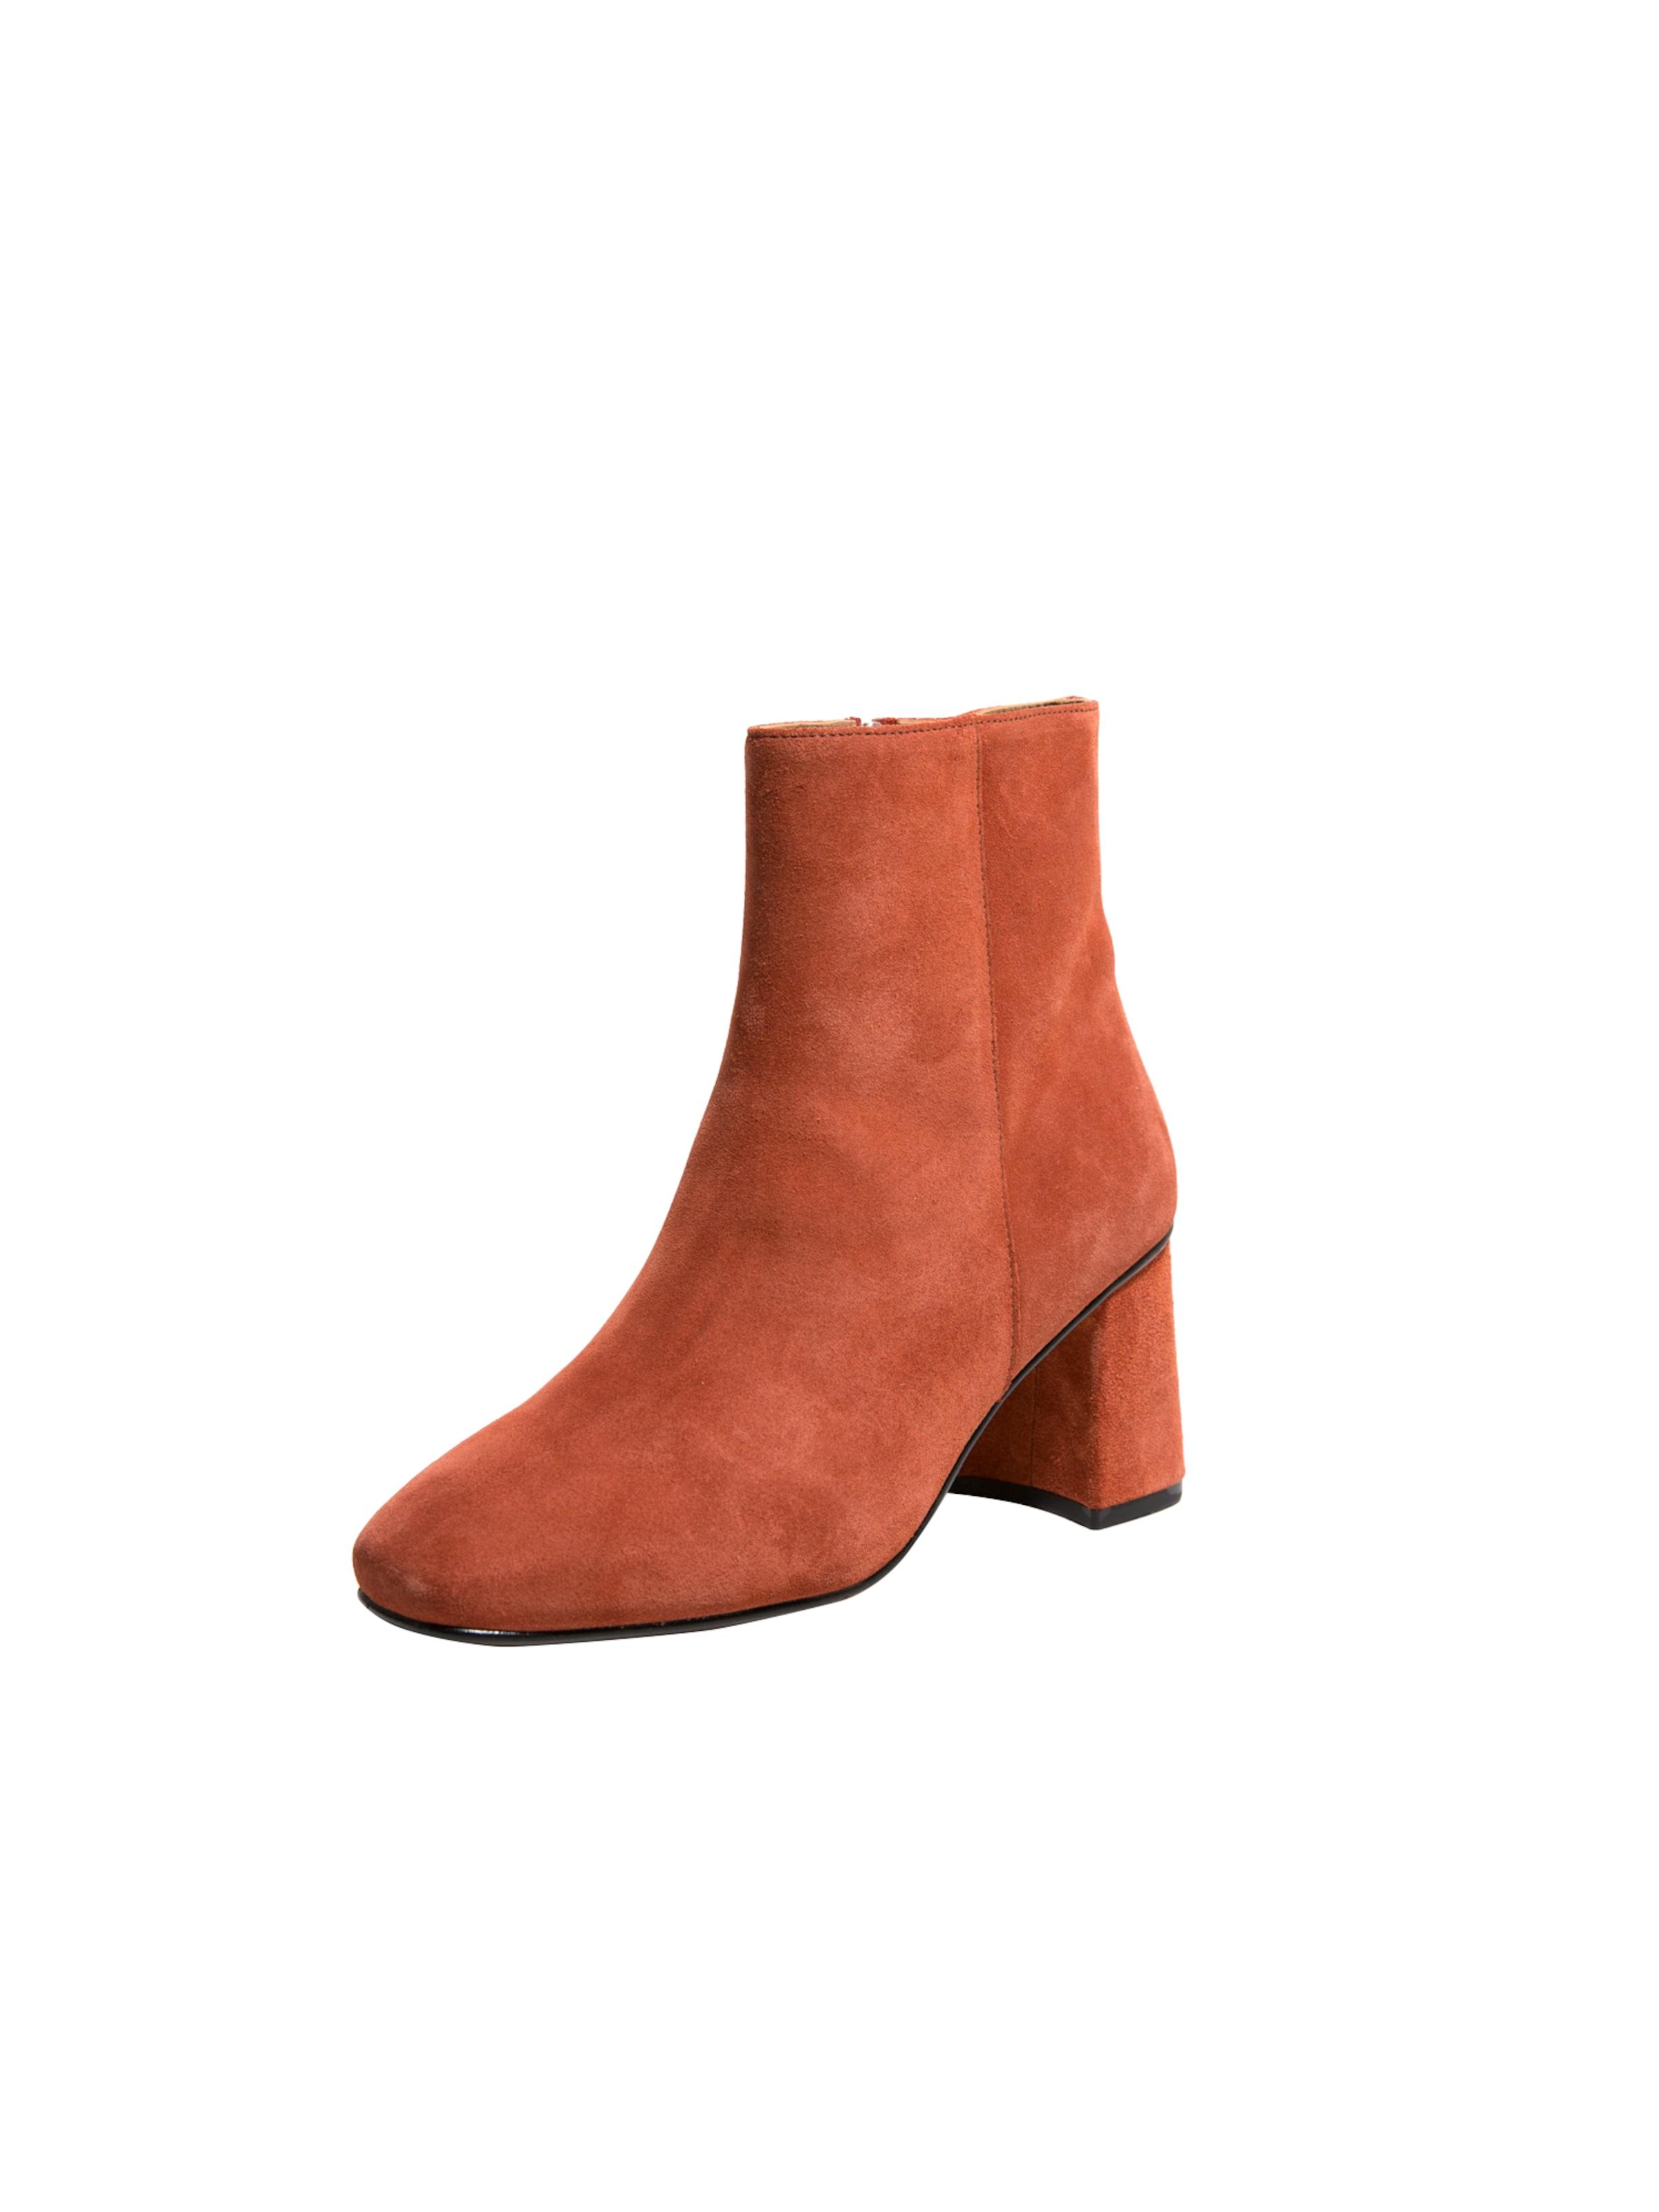 EDITED Stiefelette Hollis Verschleißfeste billige Schuhe